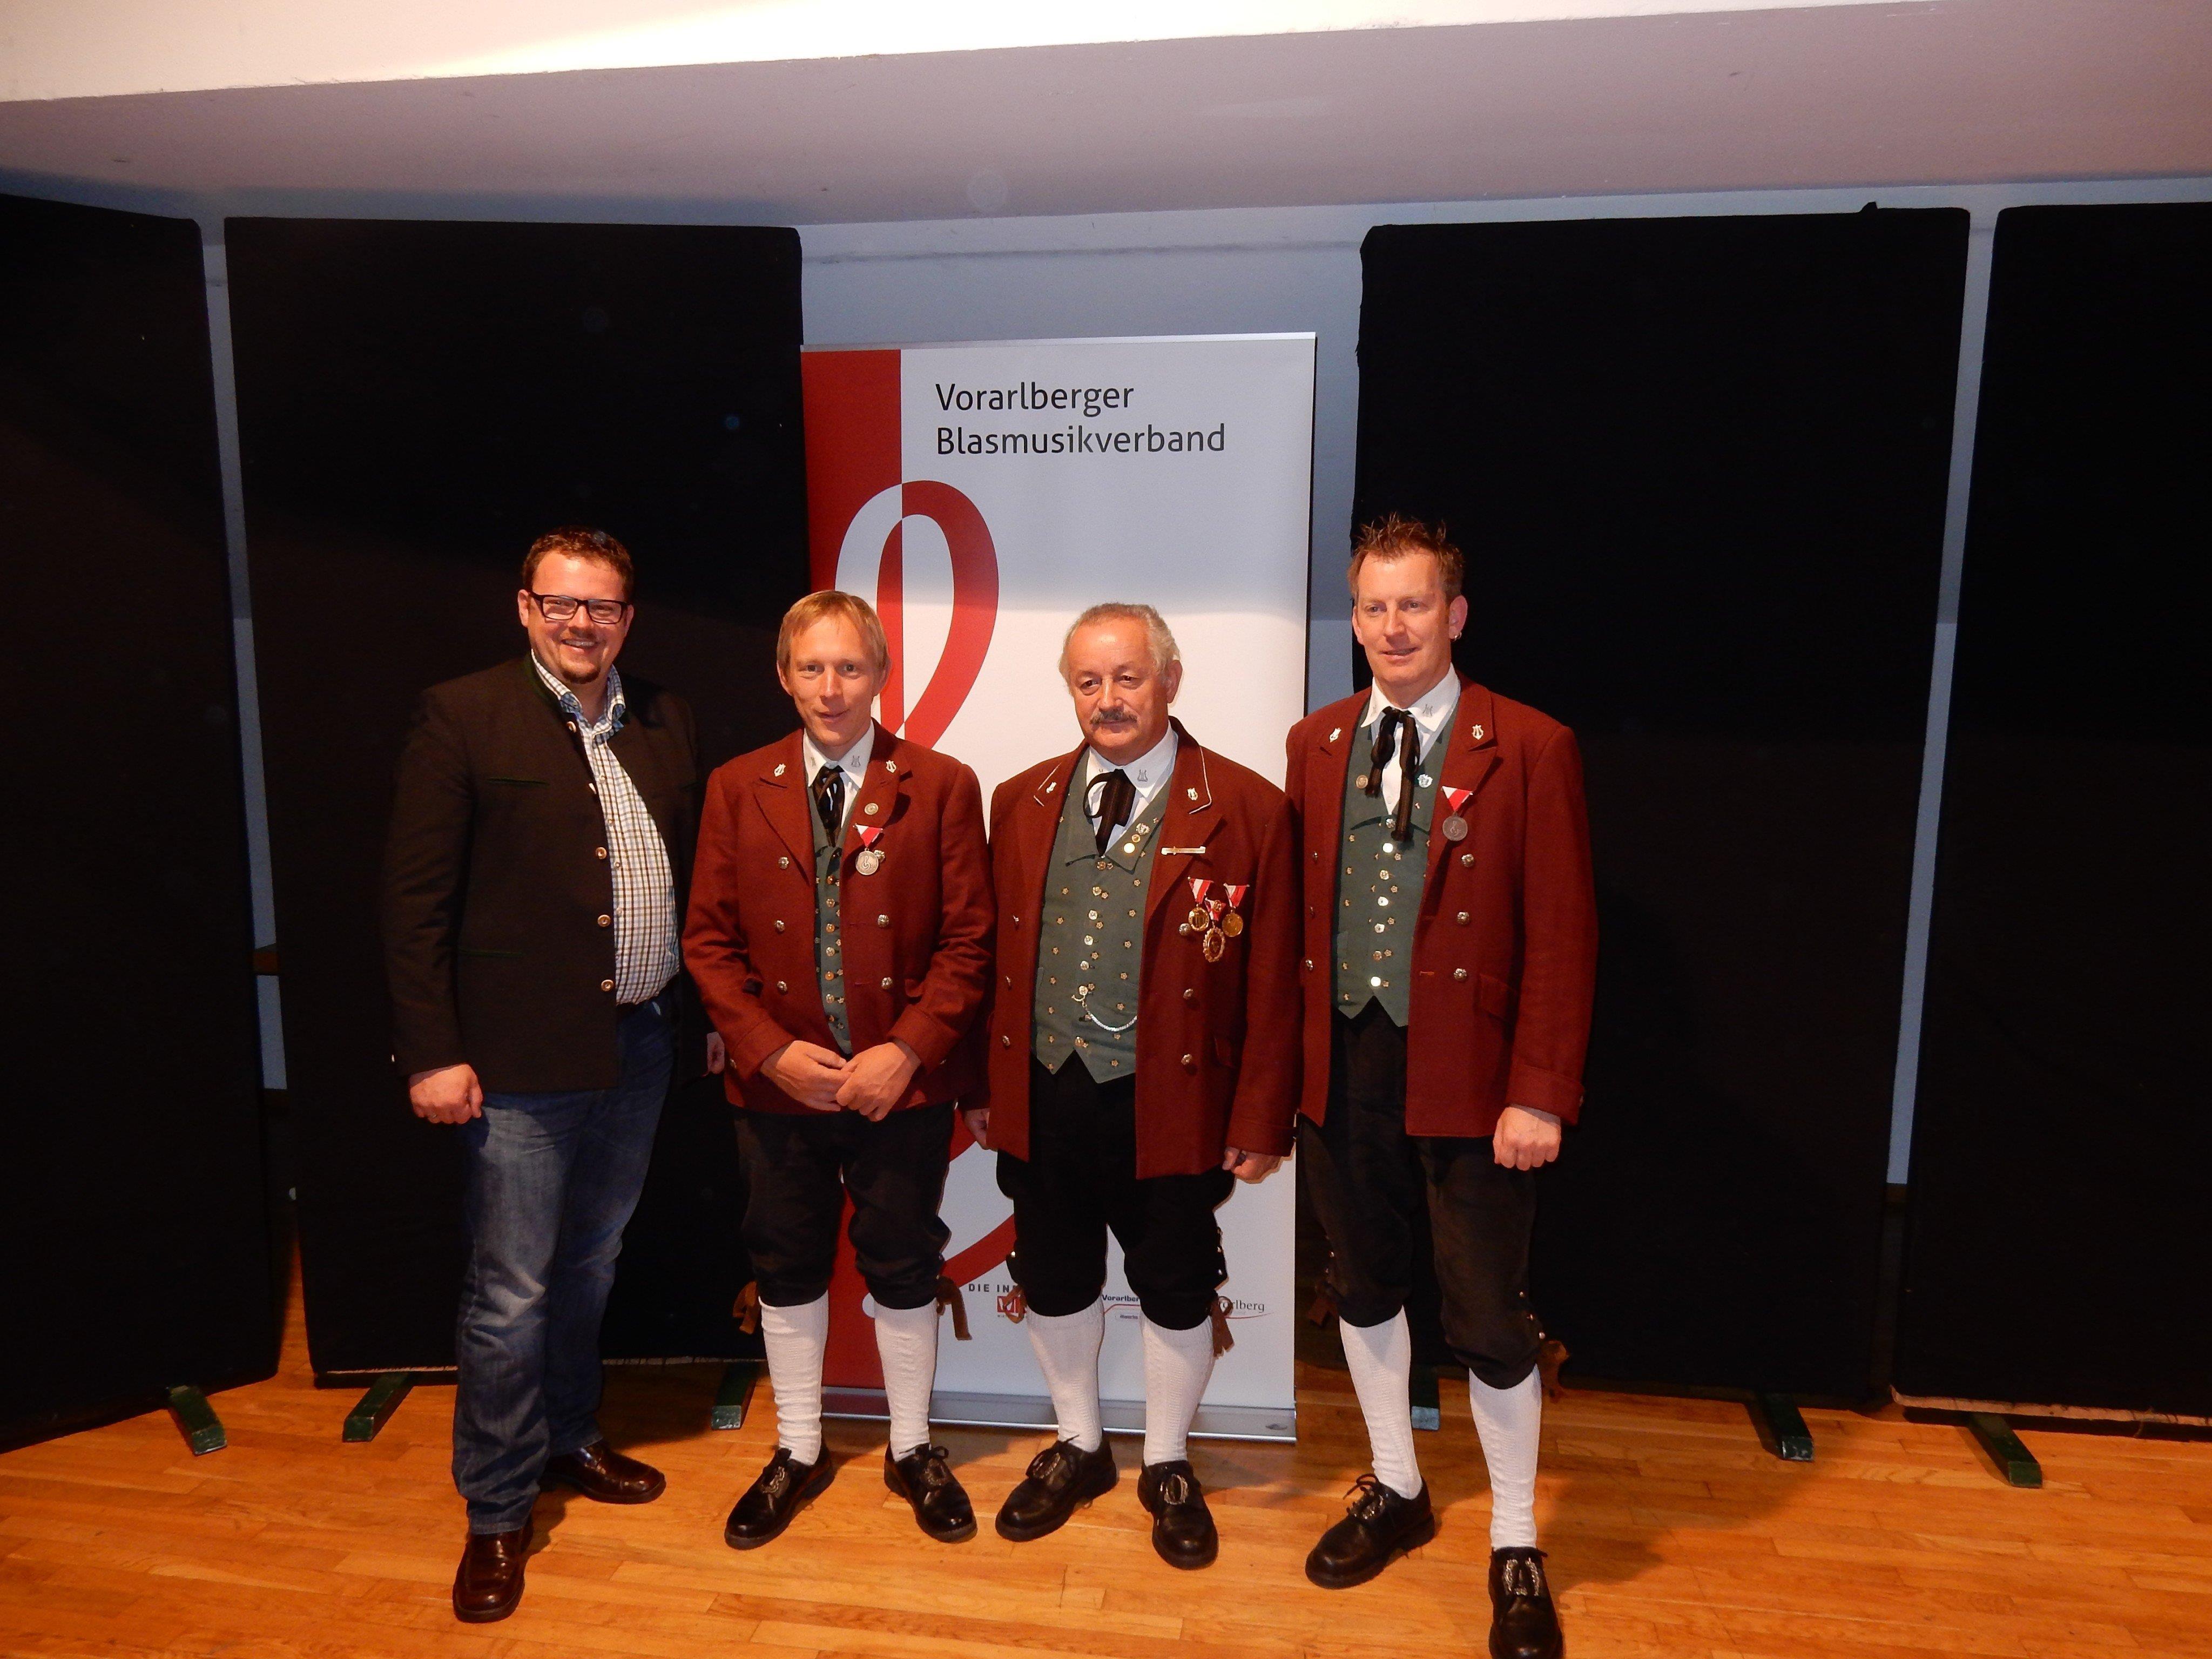 v.li.: Bgm. Matthias Luger, Bernhard Vierhauser, Willi Bitschnau und Gerhard Walch